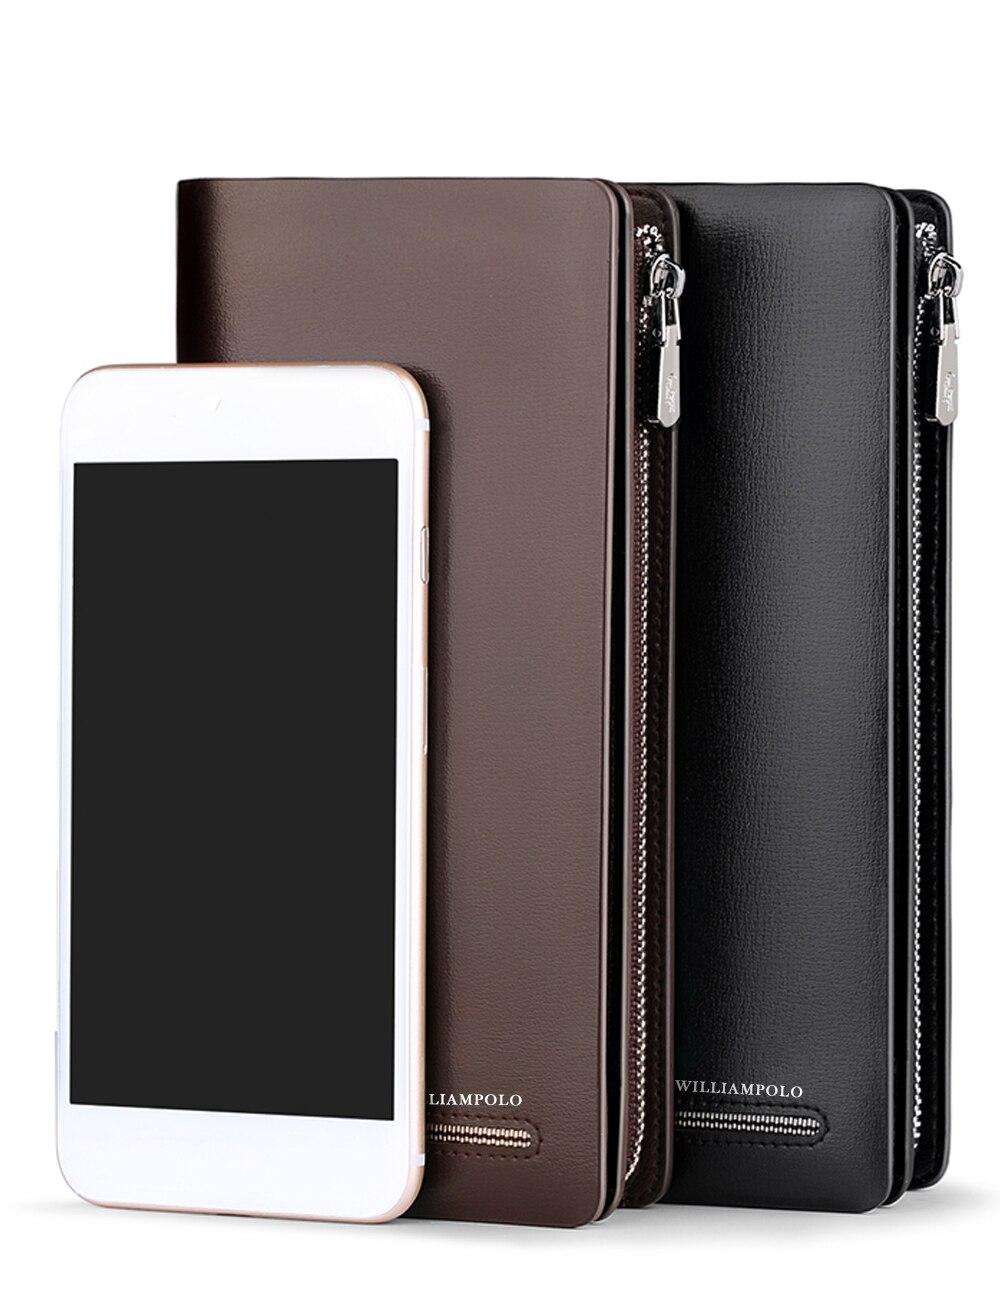 WilliamPOLO Top marque hommes portefeuilles à glissière longue pochette portefeuille porte-carte sac à main en cuir véritable organisateur d'affaires téléphone sac à main